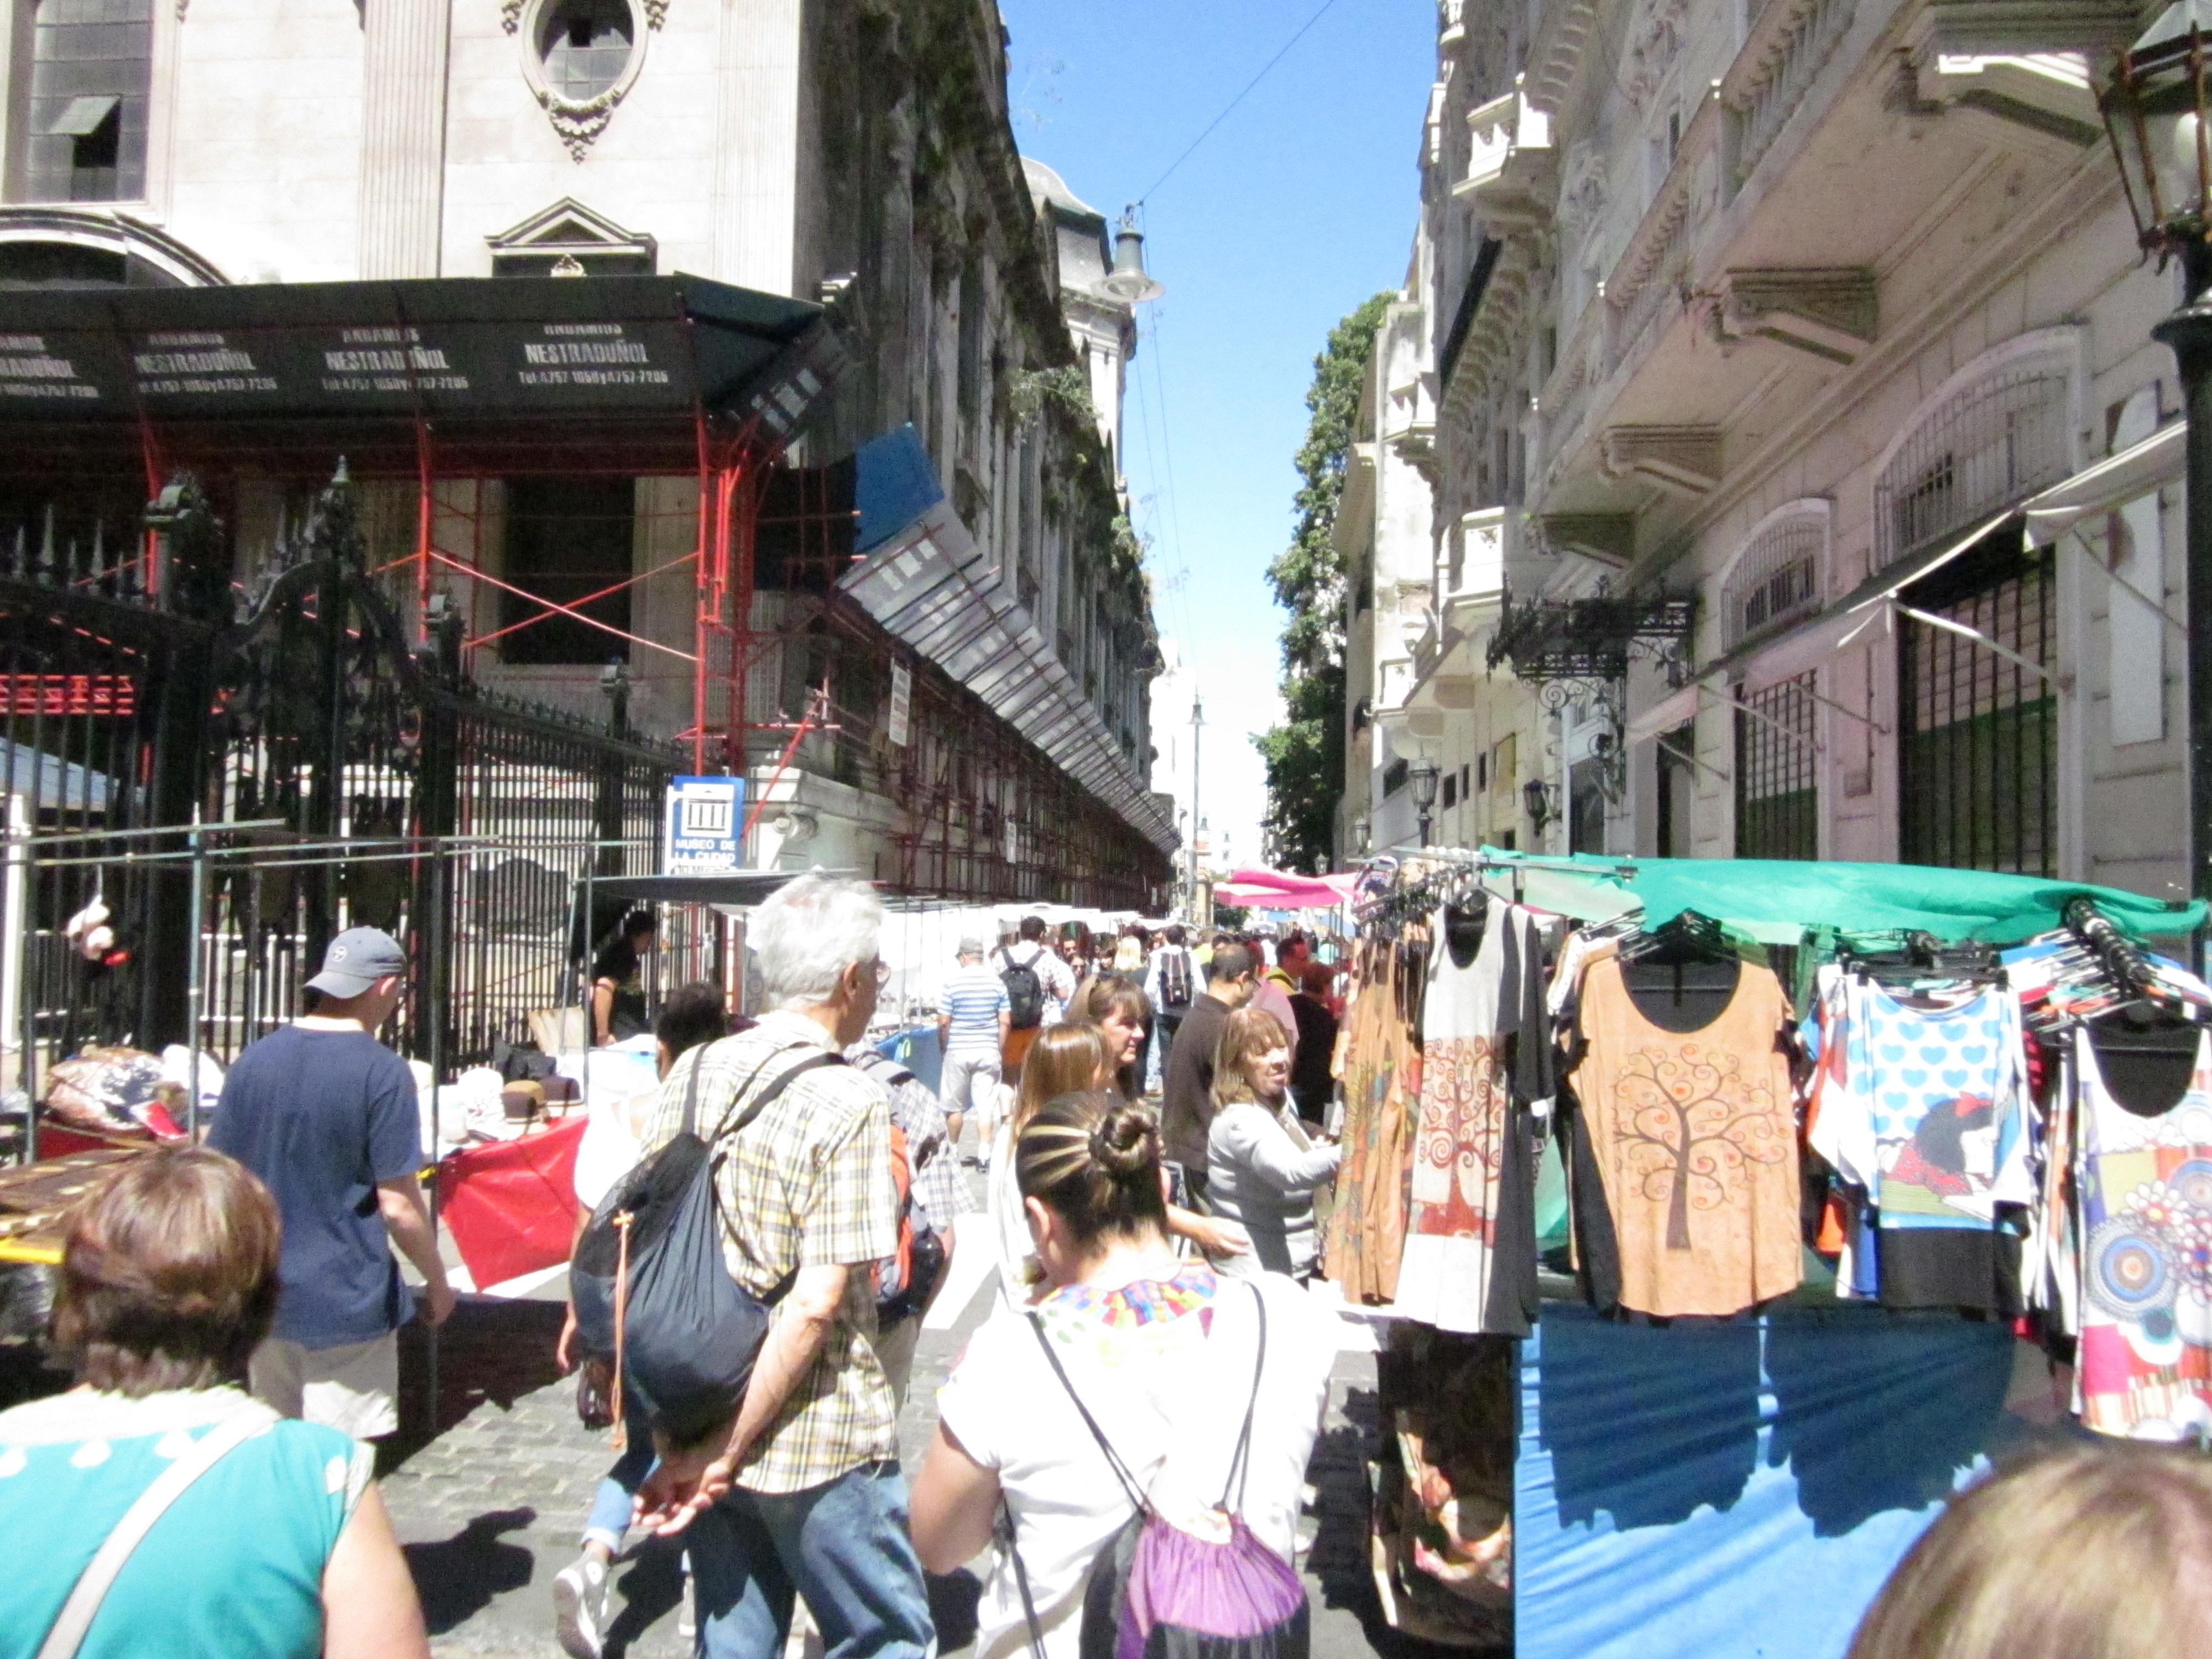 CAPAStudyAbroad_BuenosAires_Spring2016_From_Liz_Hendry_-_San_Telmo_weekend_street_market.jpg